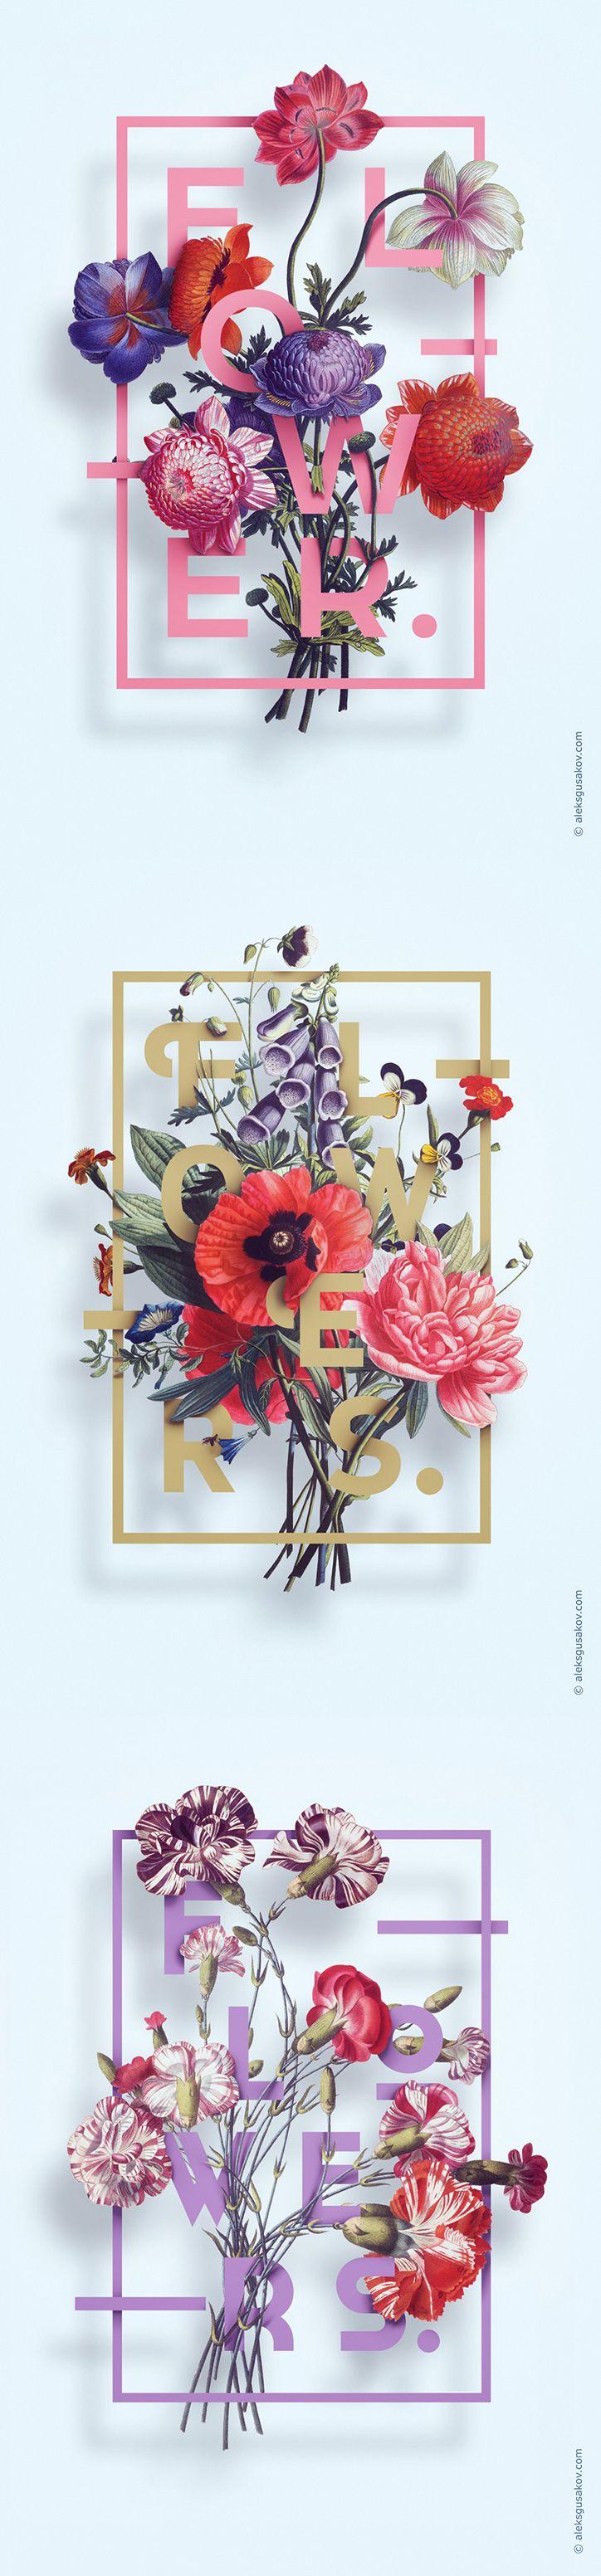 Flowers graphic design jpg free 17 Best ideas about Flower Graphic Design on Pinterest | Poster ... jpg free